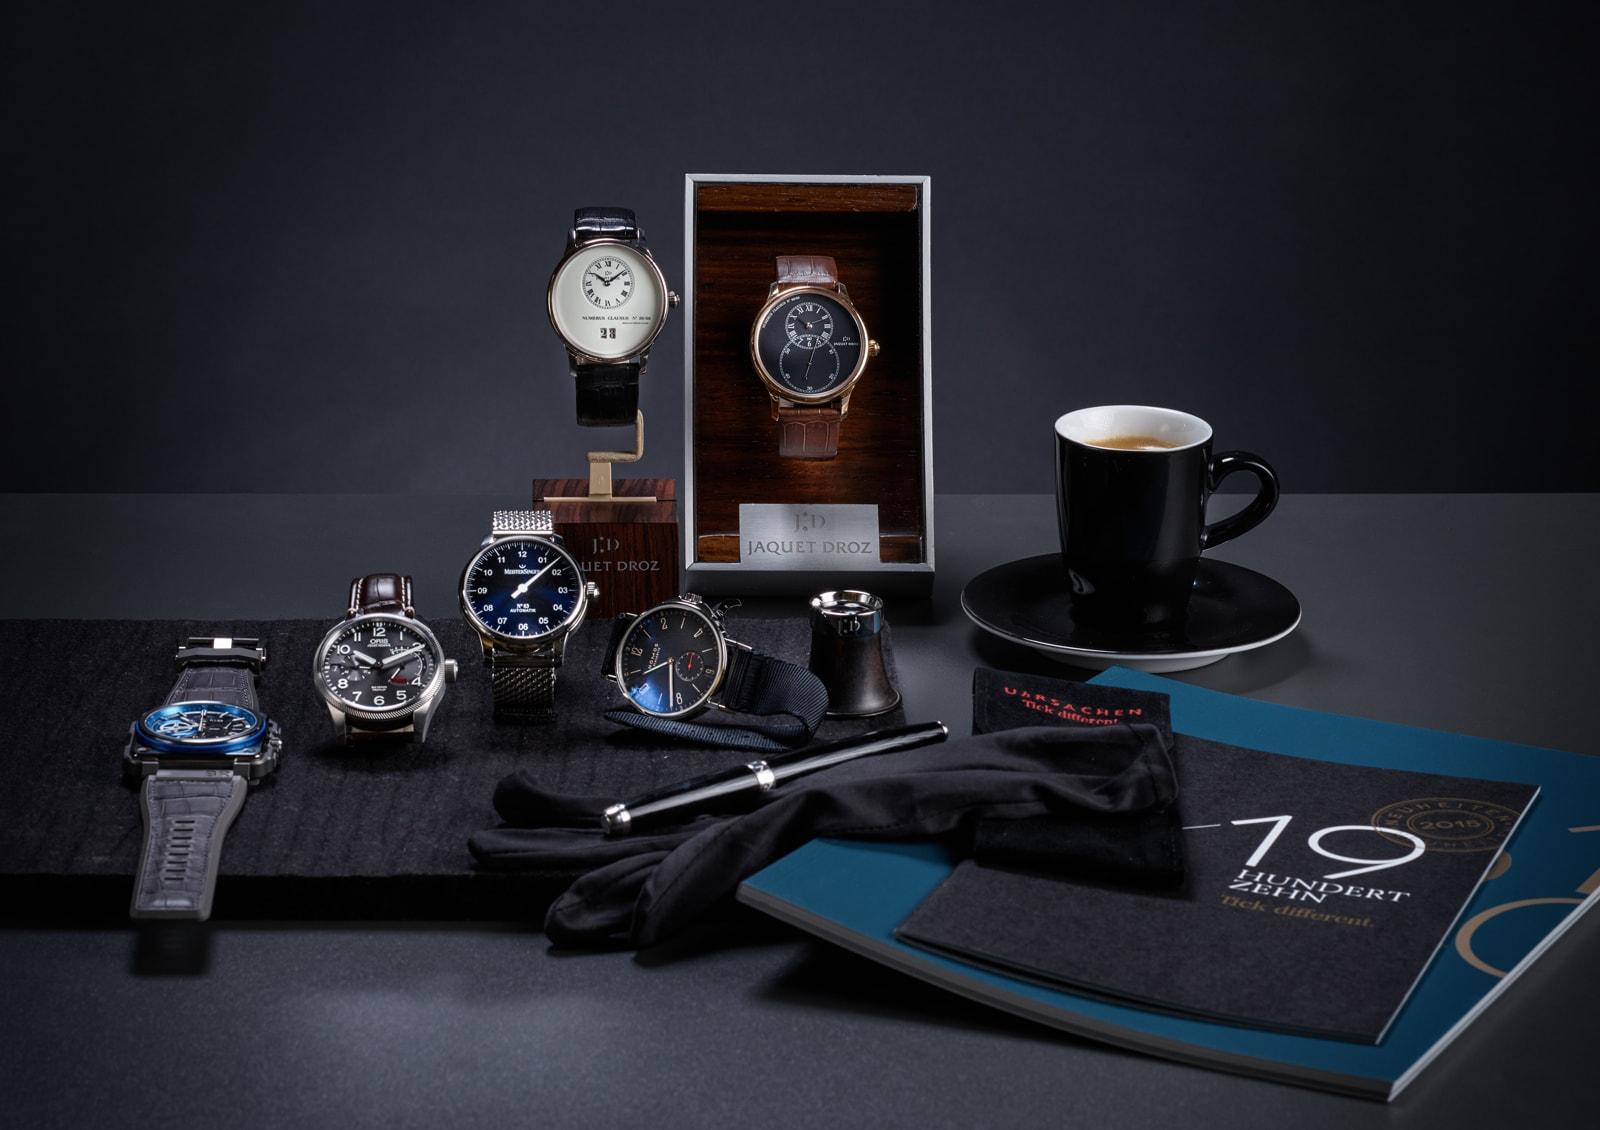 Uhrsachen-Marken8050